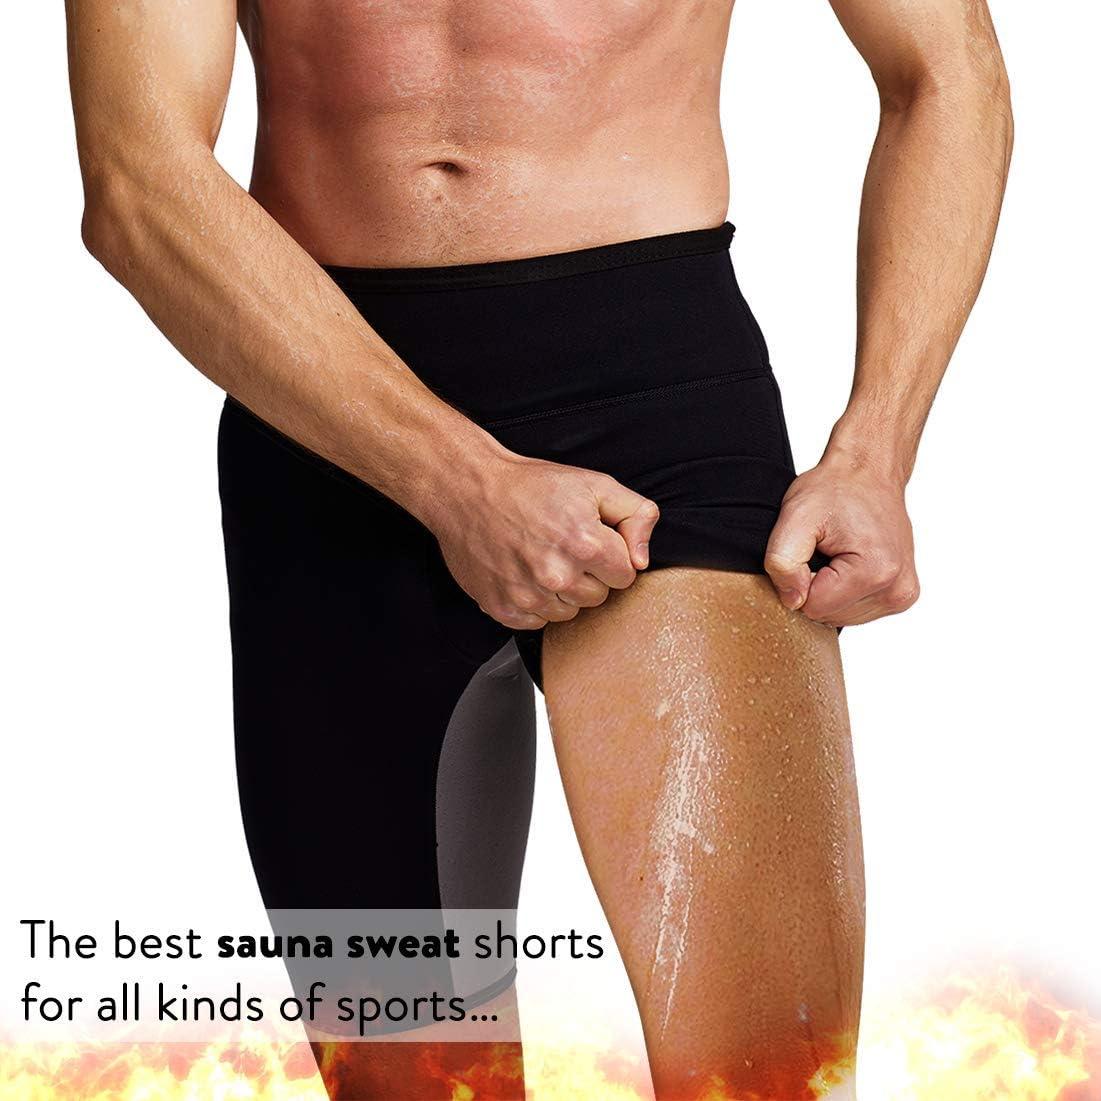 Martiount Pantalones de Sauna para Hombre Rutina de Ejercicio Pantalones Body Shaper Pantalones Cortos de Neopreno Que Adelgaza de la P/érdida de Peso Pantalones Slim Gym Tummy Fat Burner Fitness